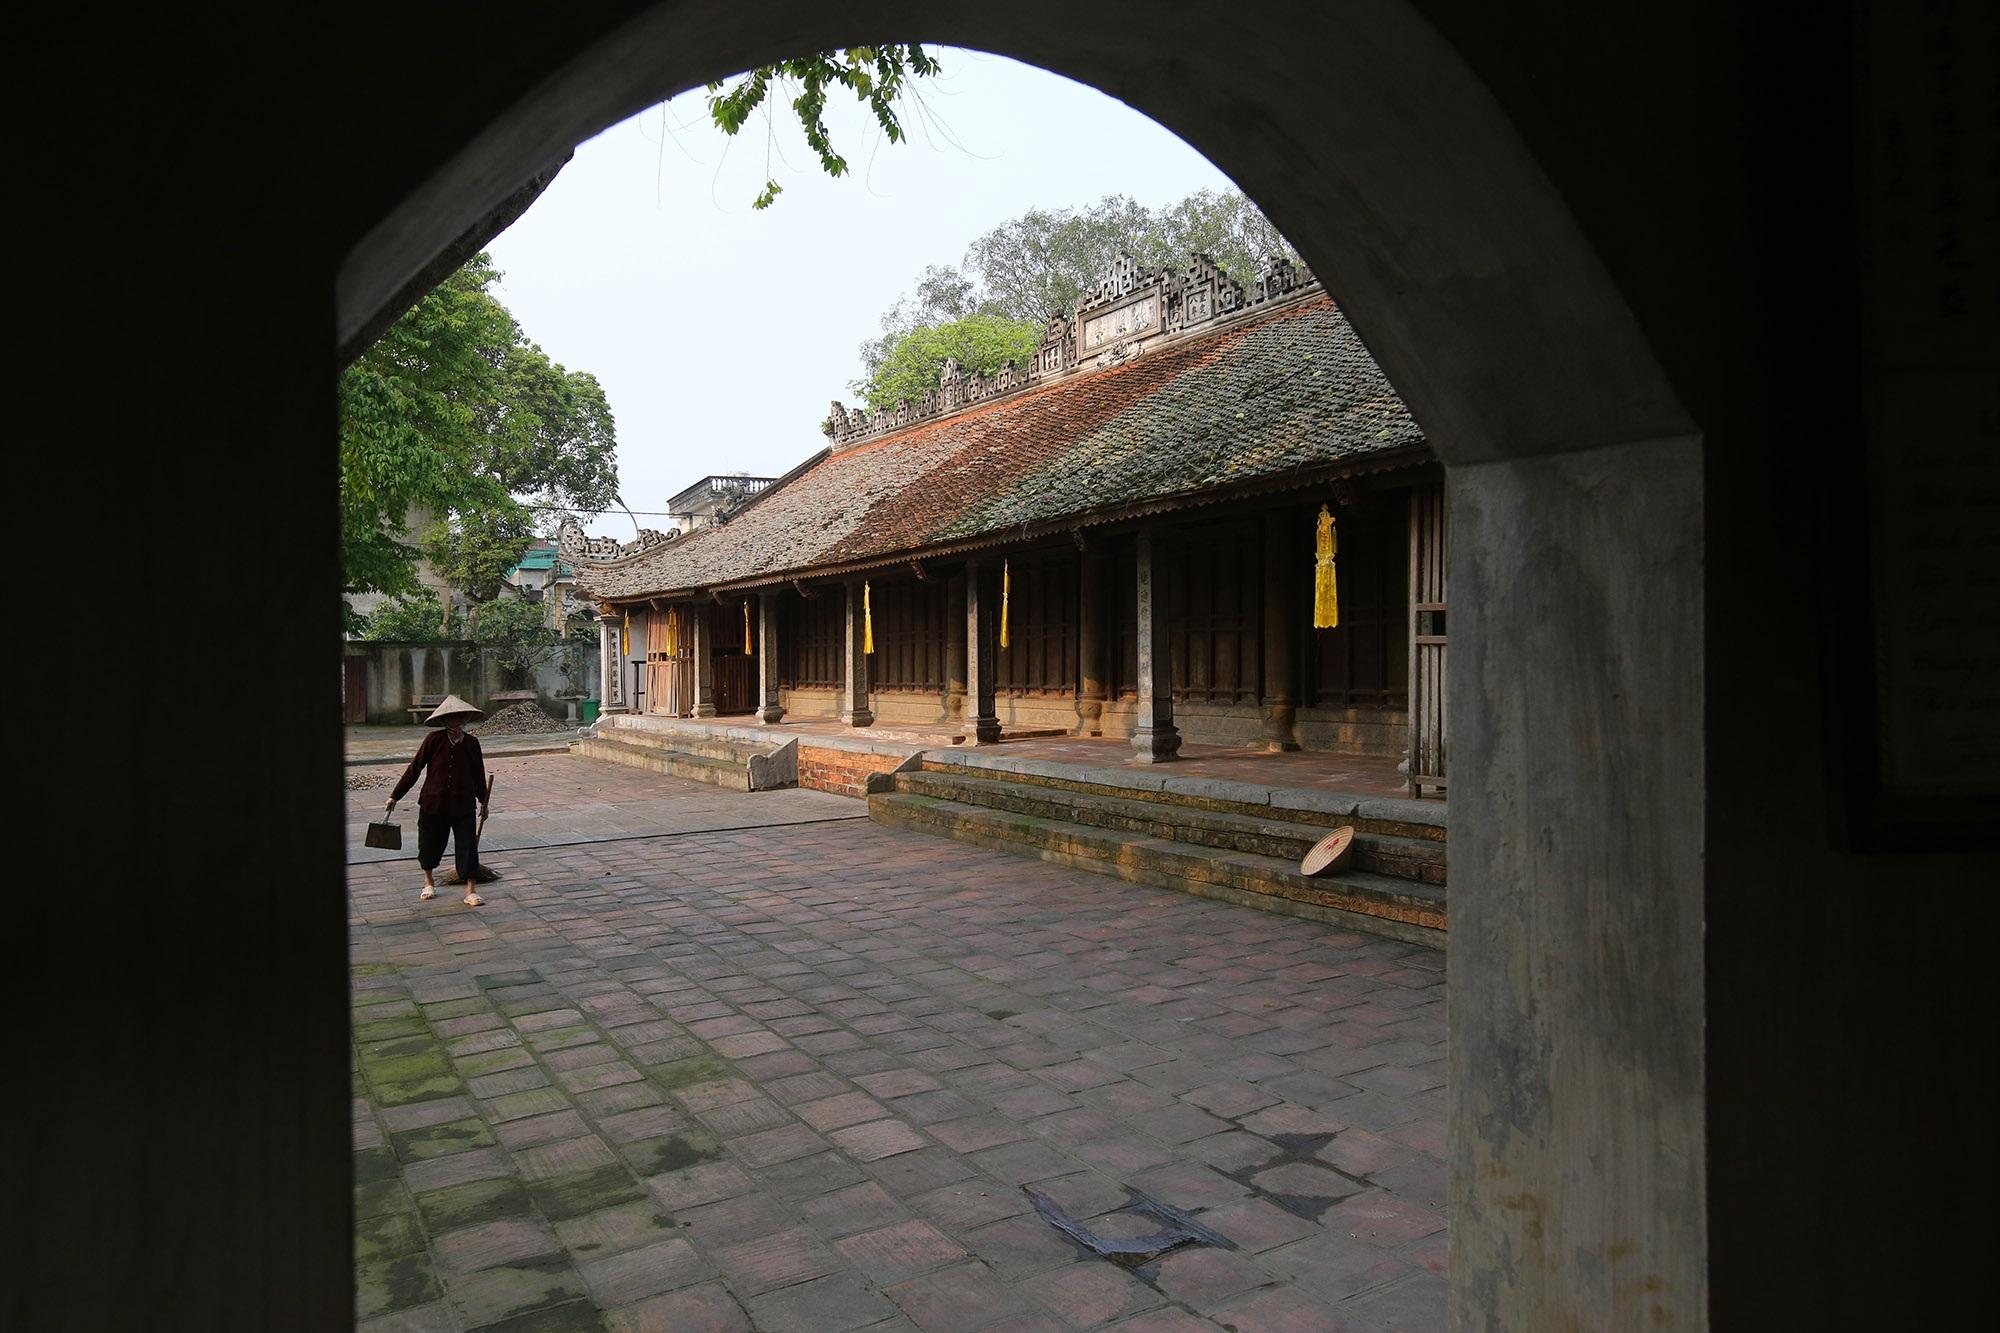 Không gian thanh tịnh tại ngôi chùa gỗ 600 năm tuổi - 2